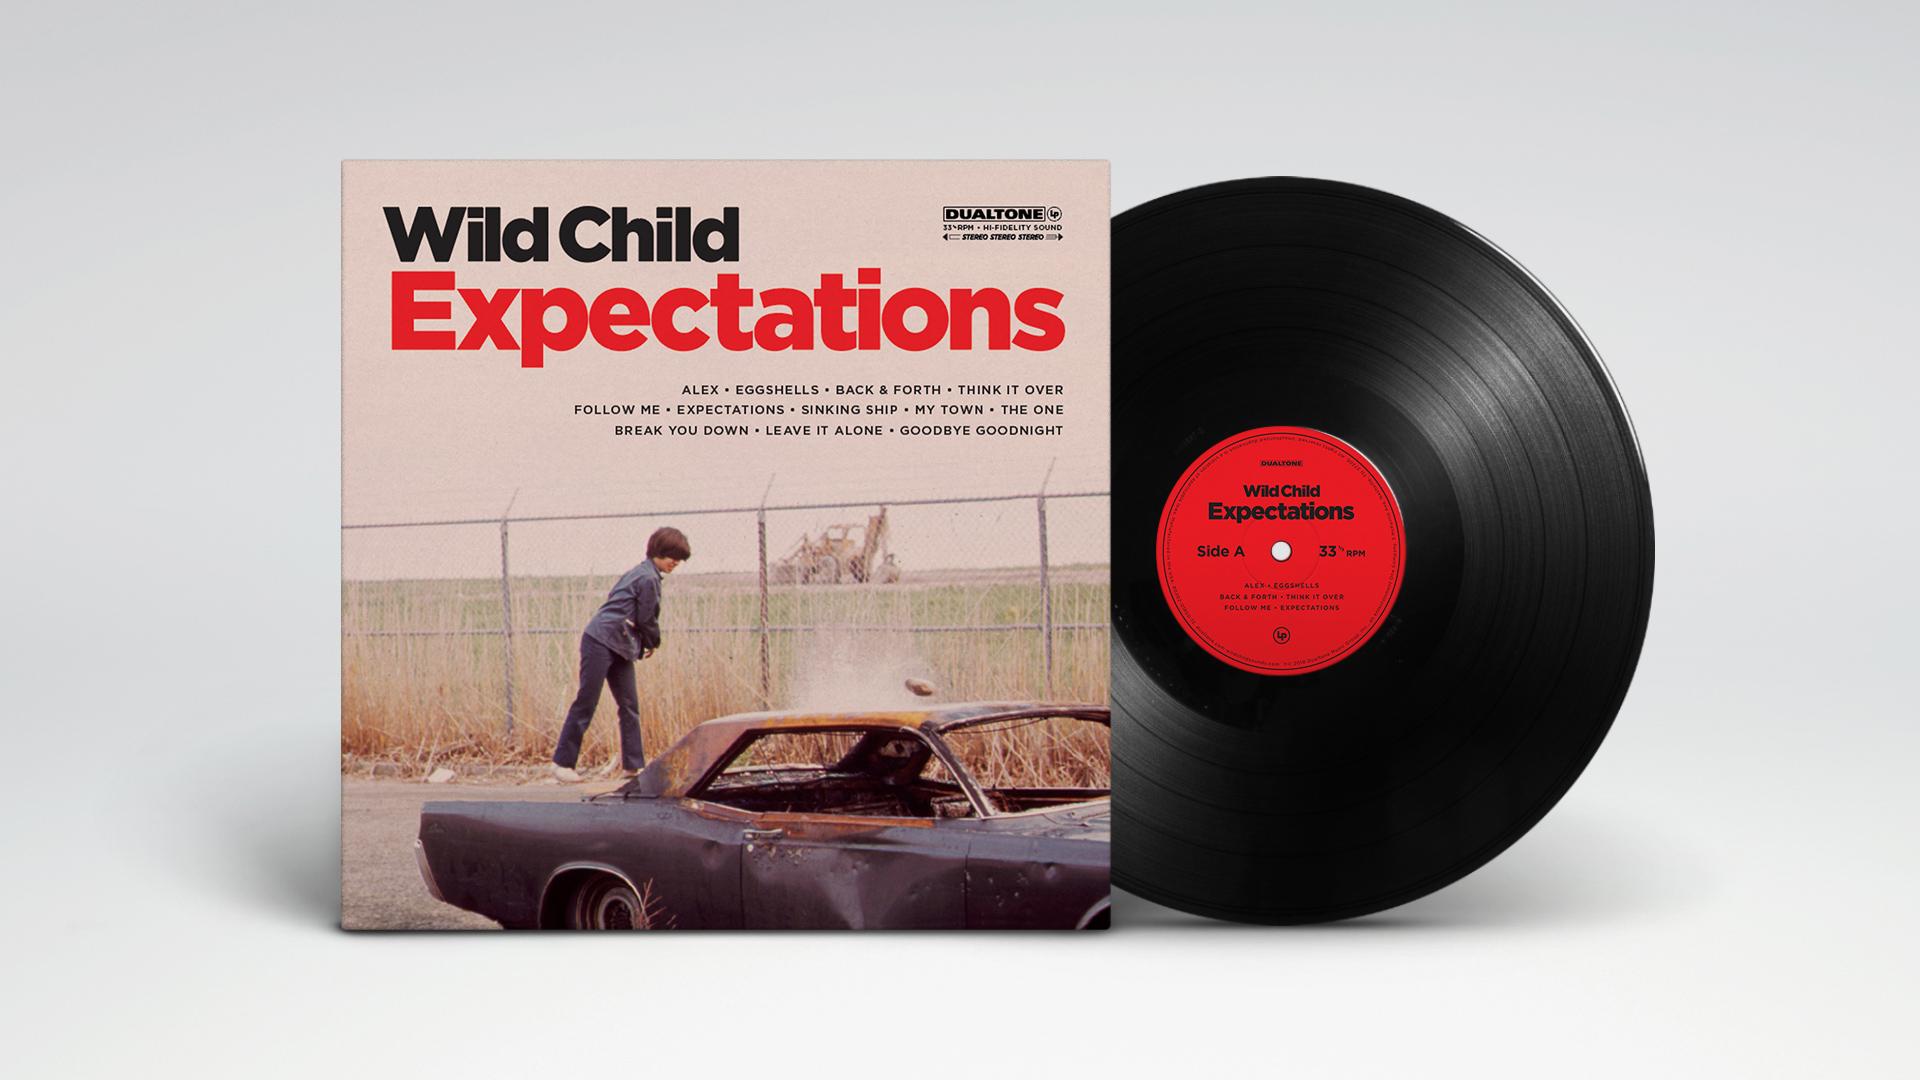 vinylcover.jpg